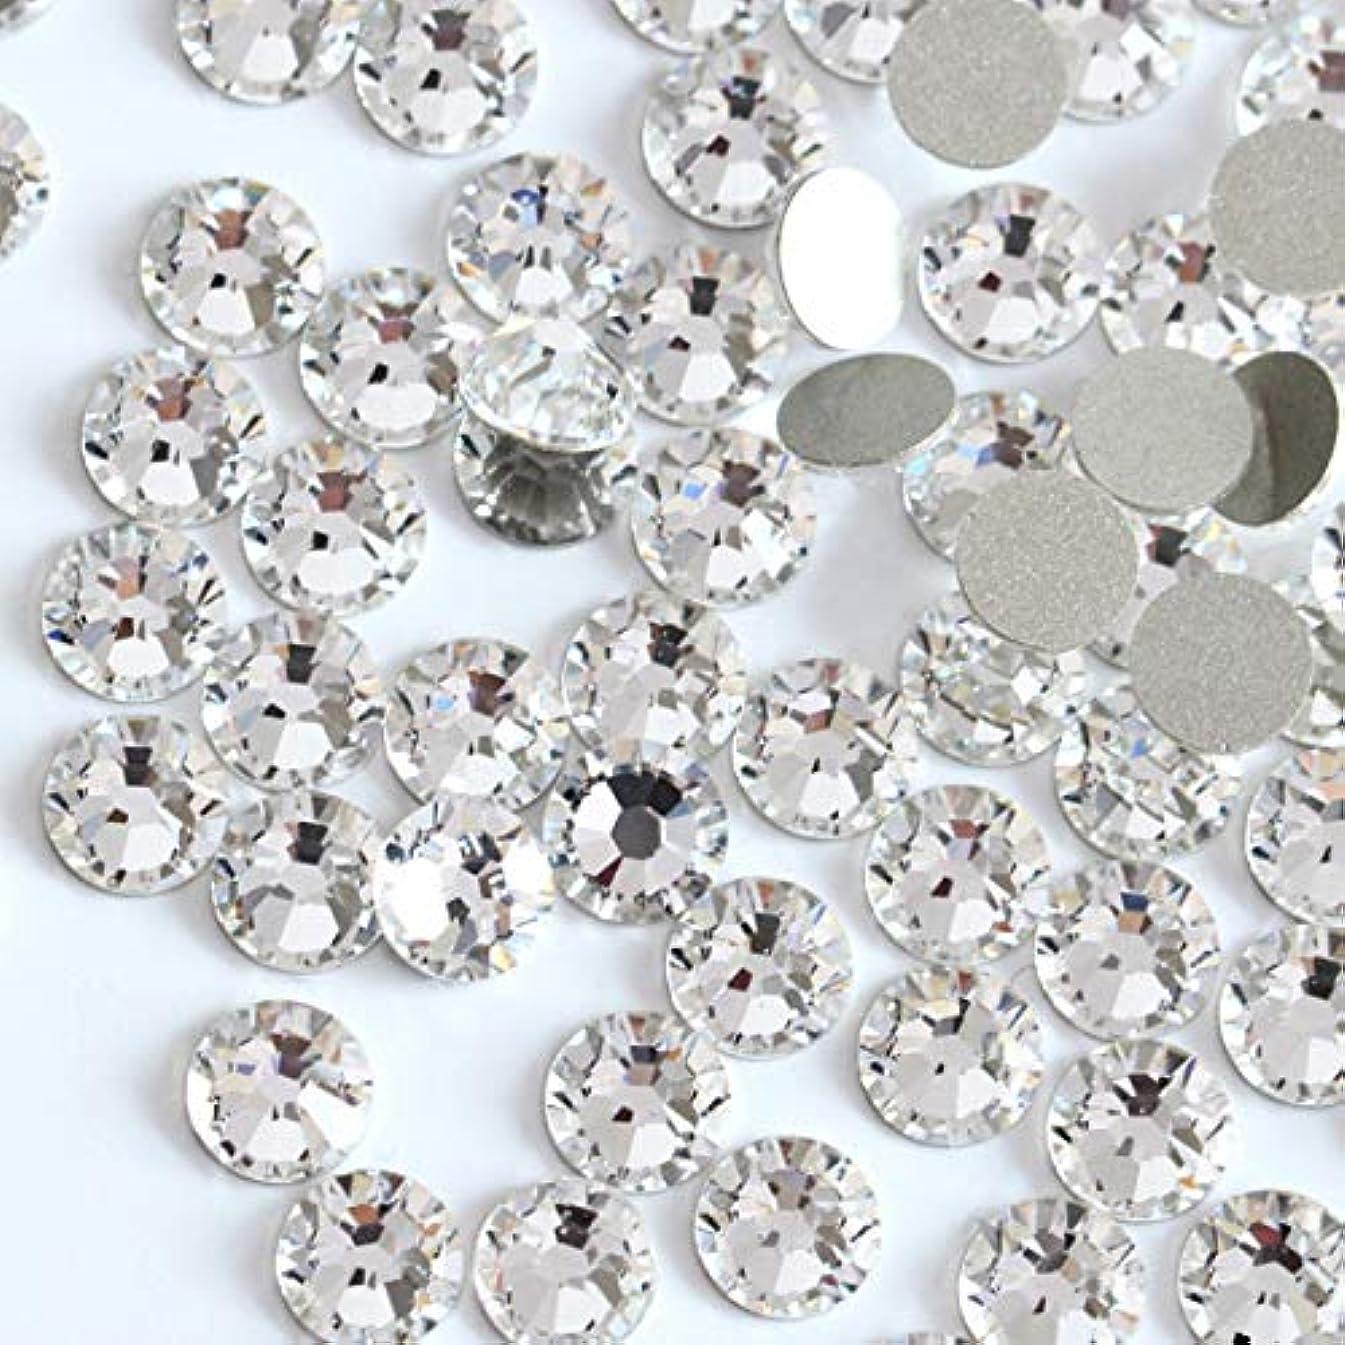 トーク最悪視線【ラインストーン77】高品質ガラス製ラインストーン クリスタル(1.5mm (SS4) 約200粒)